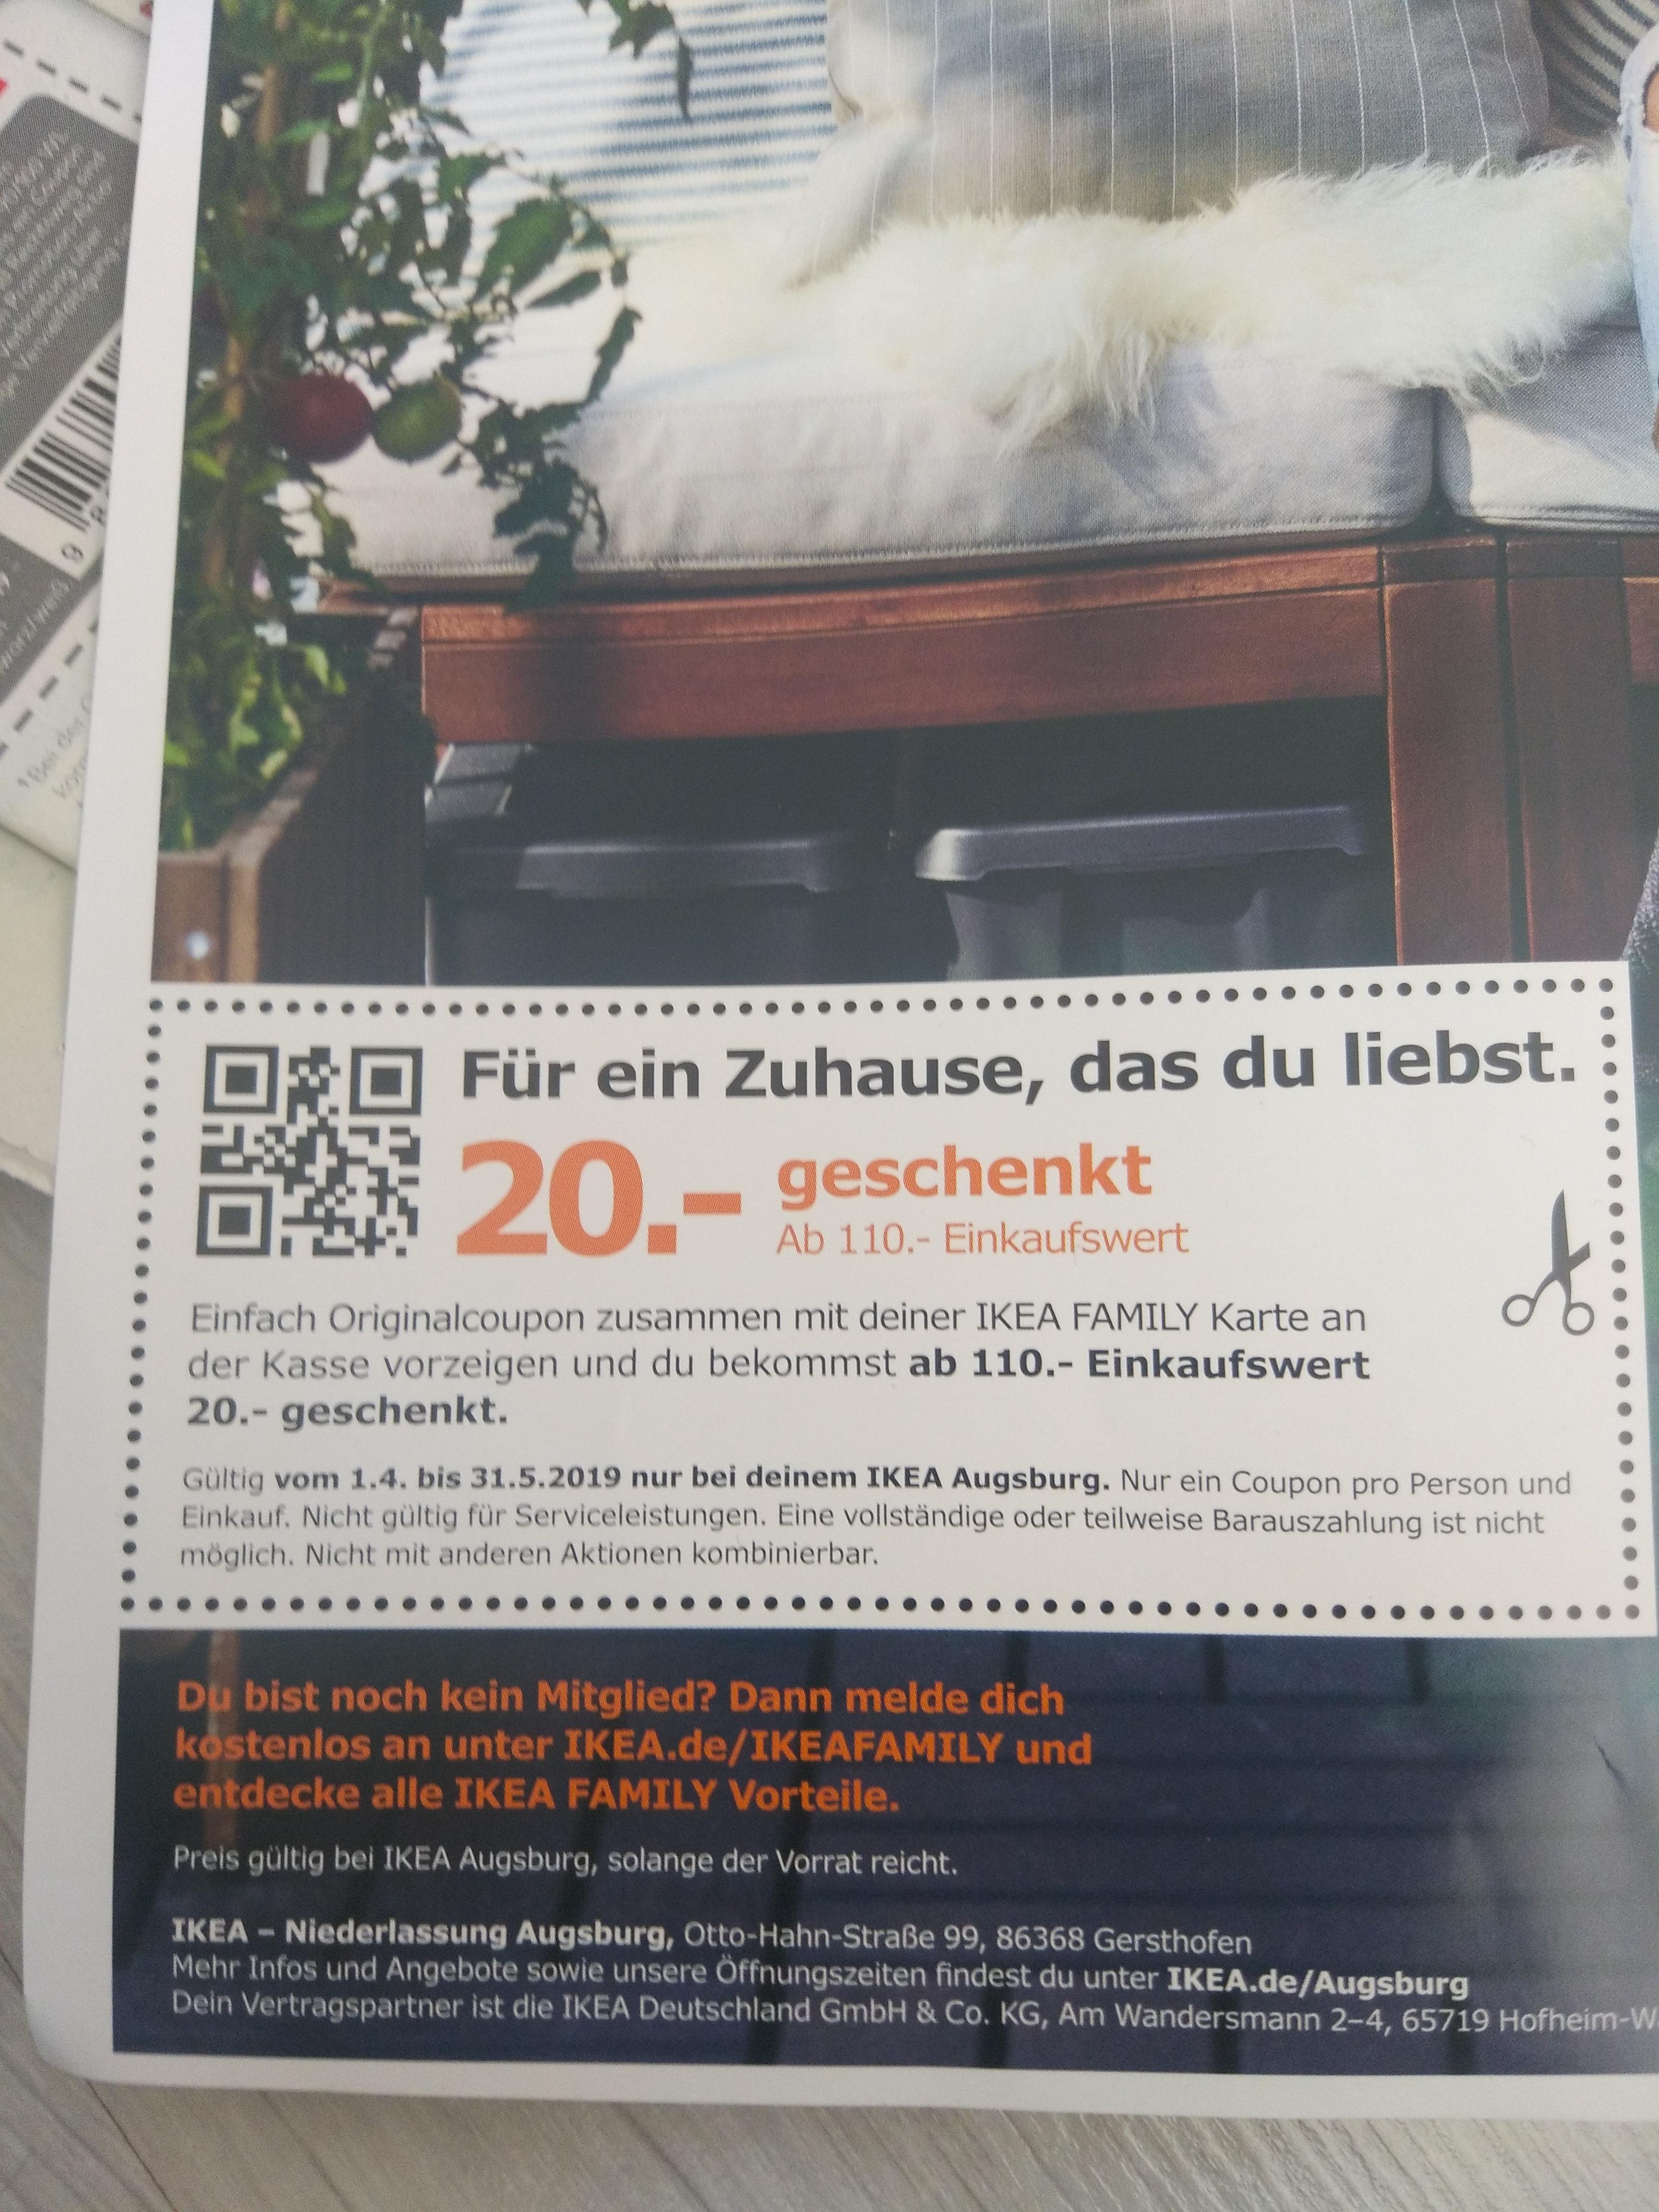 Ikea Gutschein Von 20 Mit 110 Bestellwert Augsburg Jetzt Die